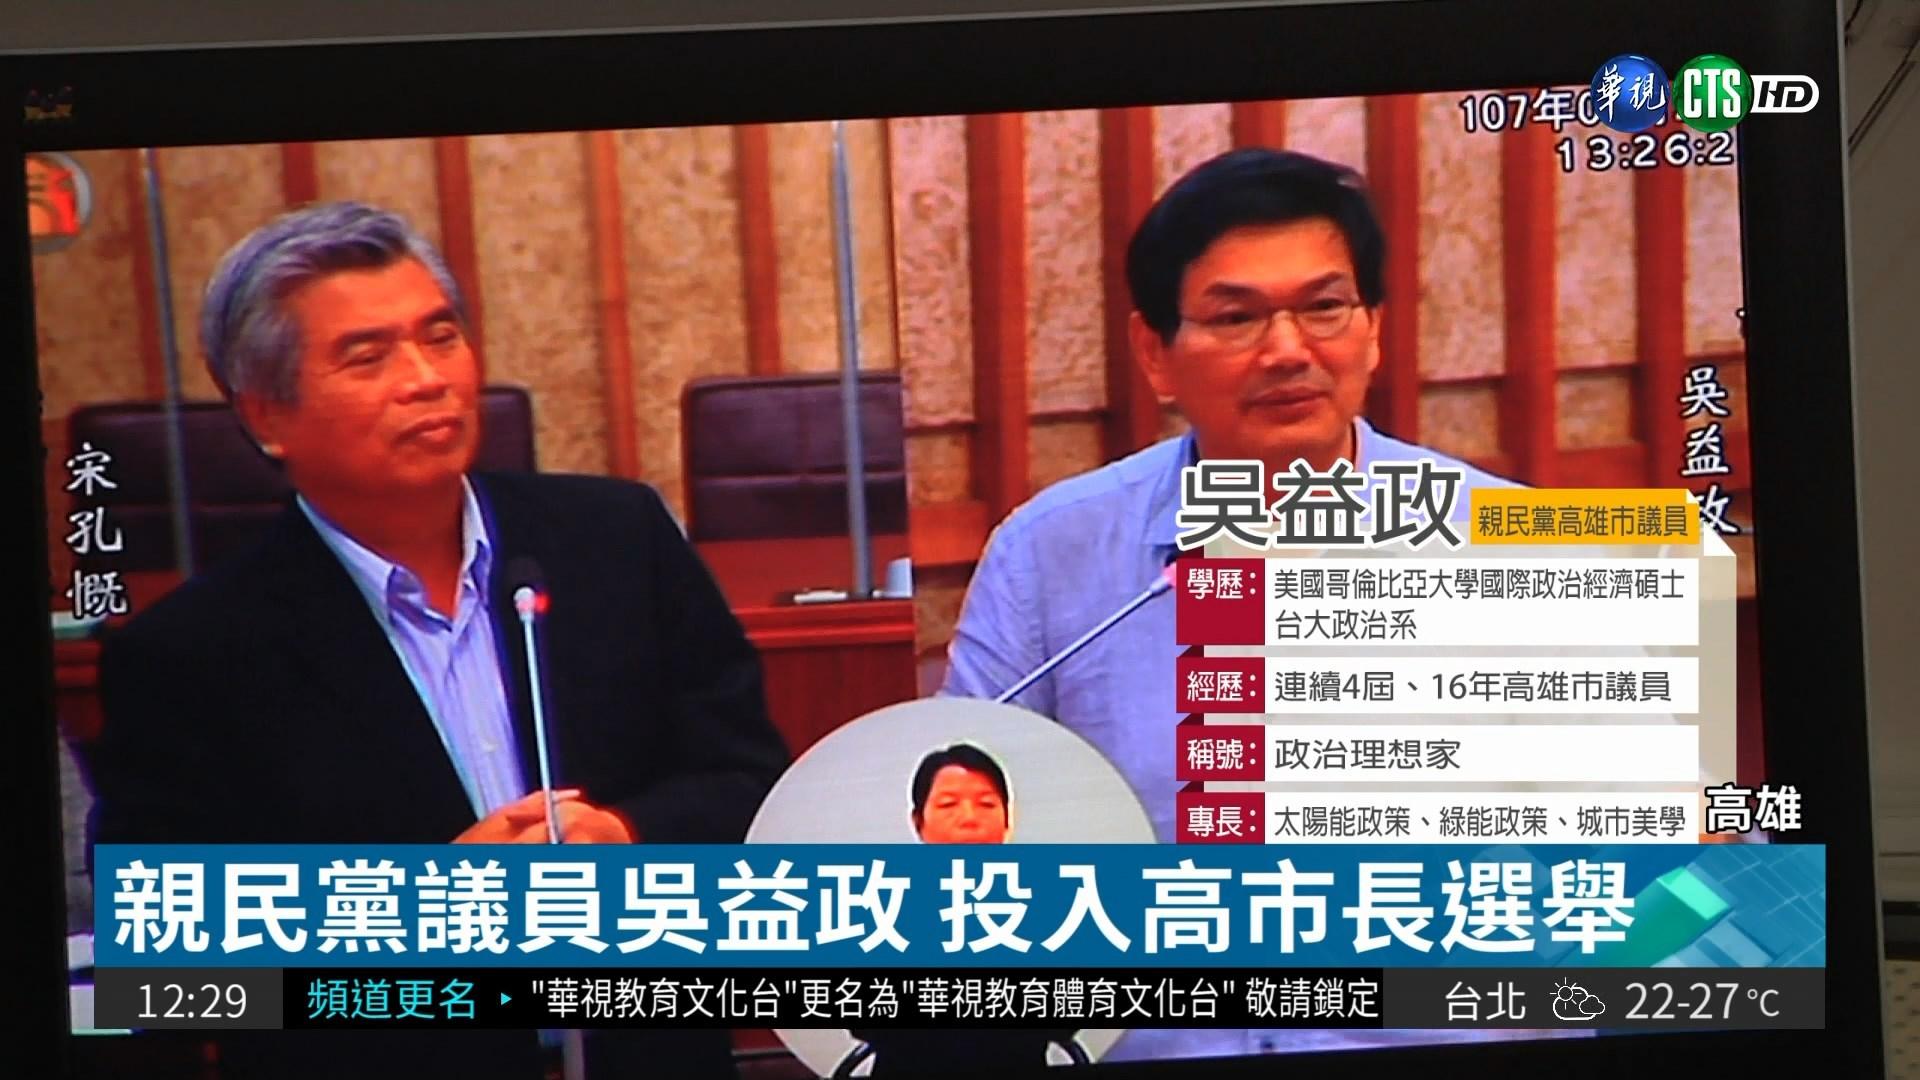 親民黨議員吳益政 要選高市長